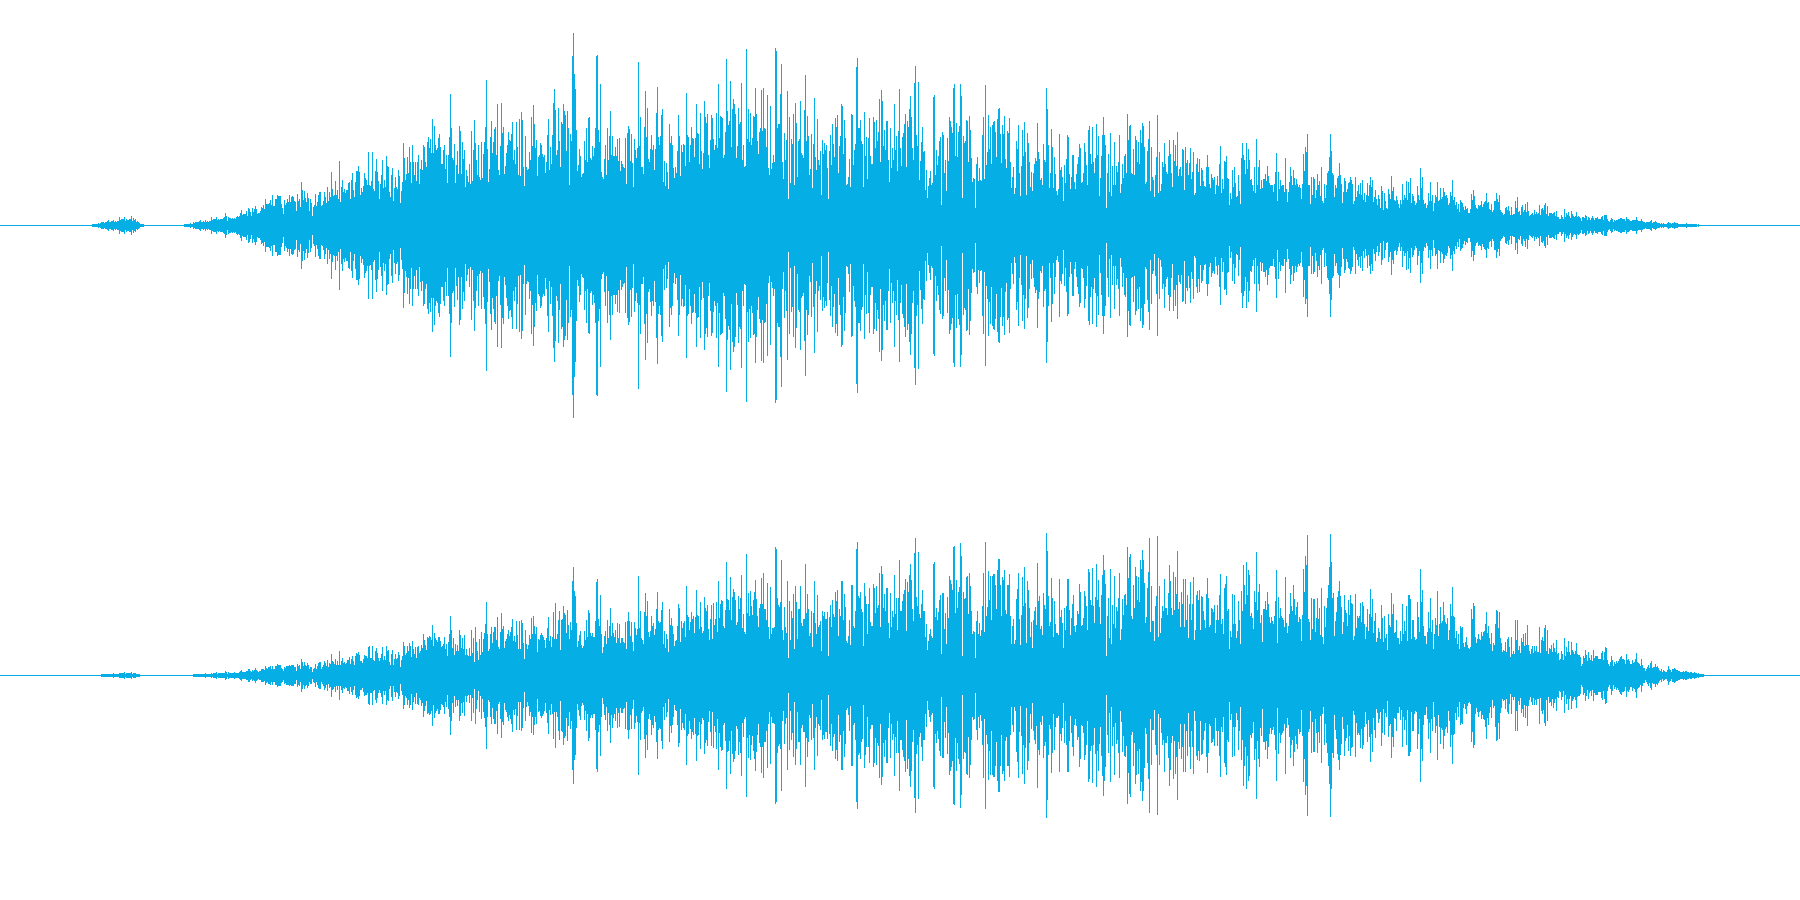 スワイプ/キャンセル/場面転換に最適08の再生済みの波形